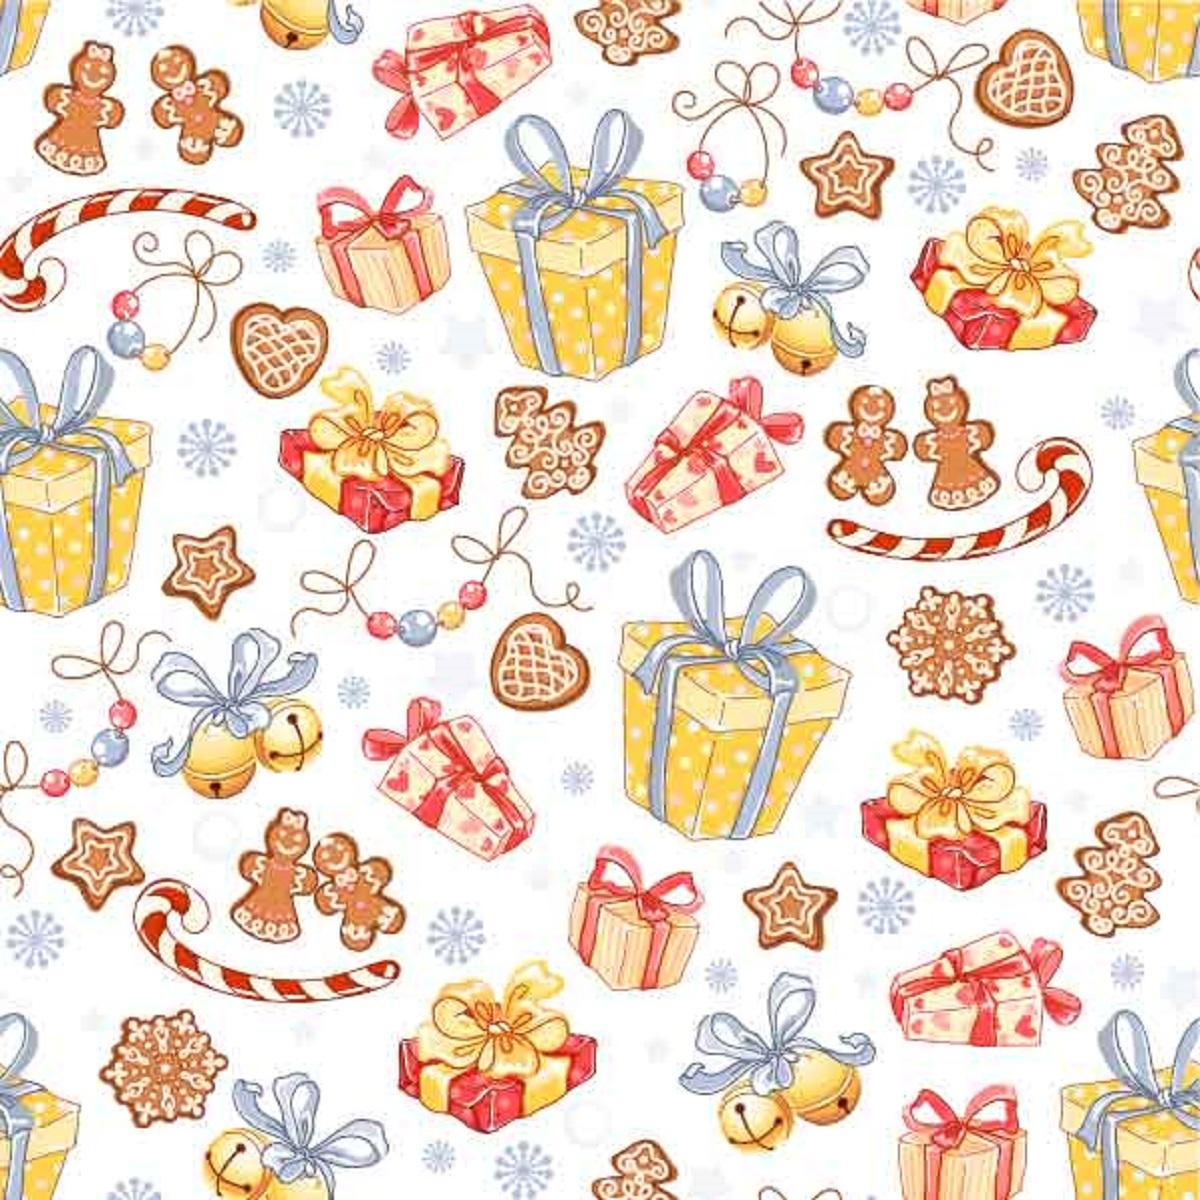 Салфетки бумажные Gratias Подарки и сладости, трехслойные, 33 х 33 см, 20 шт4026_ голубойТрехслойные бумажные салфетки Gratias Подарки и сладости, выполненные из натуральной целлюлозы, станут отличным дополнением любого праздничного стола. Они отличаются необычной мягкостью и прочностью. Размер листа: 33 х 33 см. Количество слоев: 3.